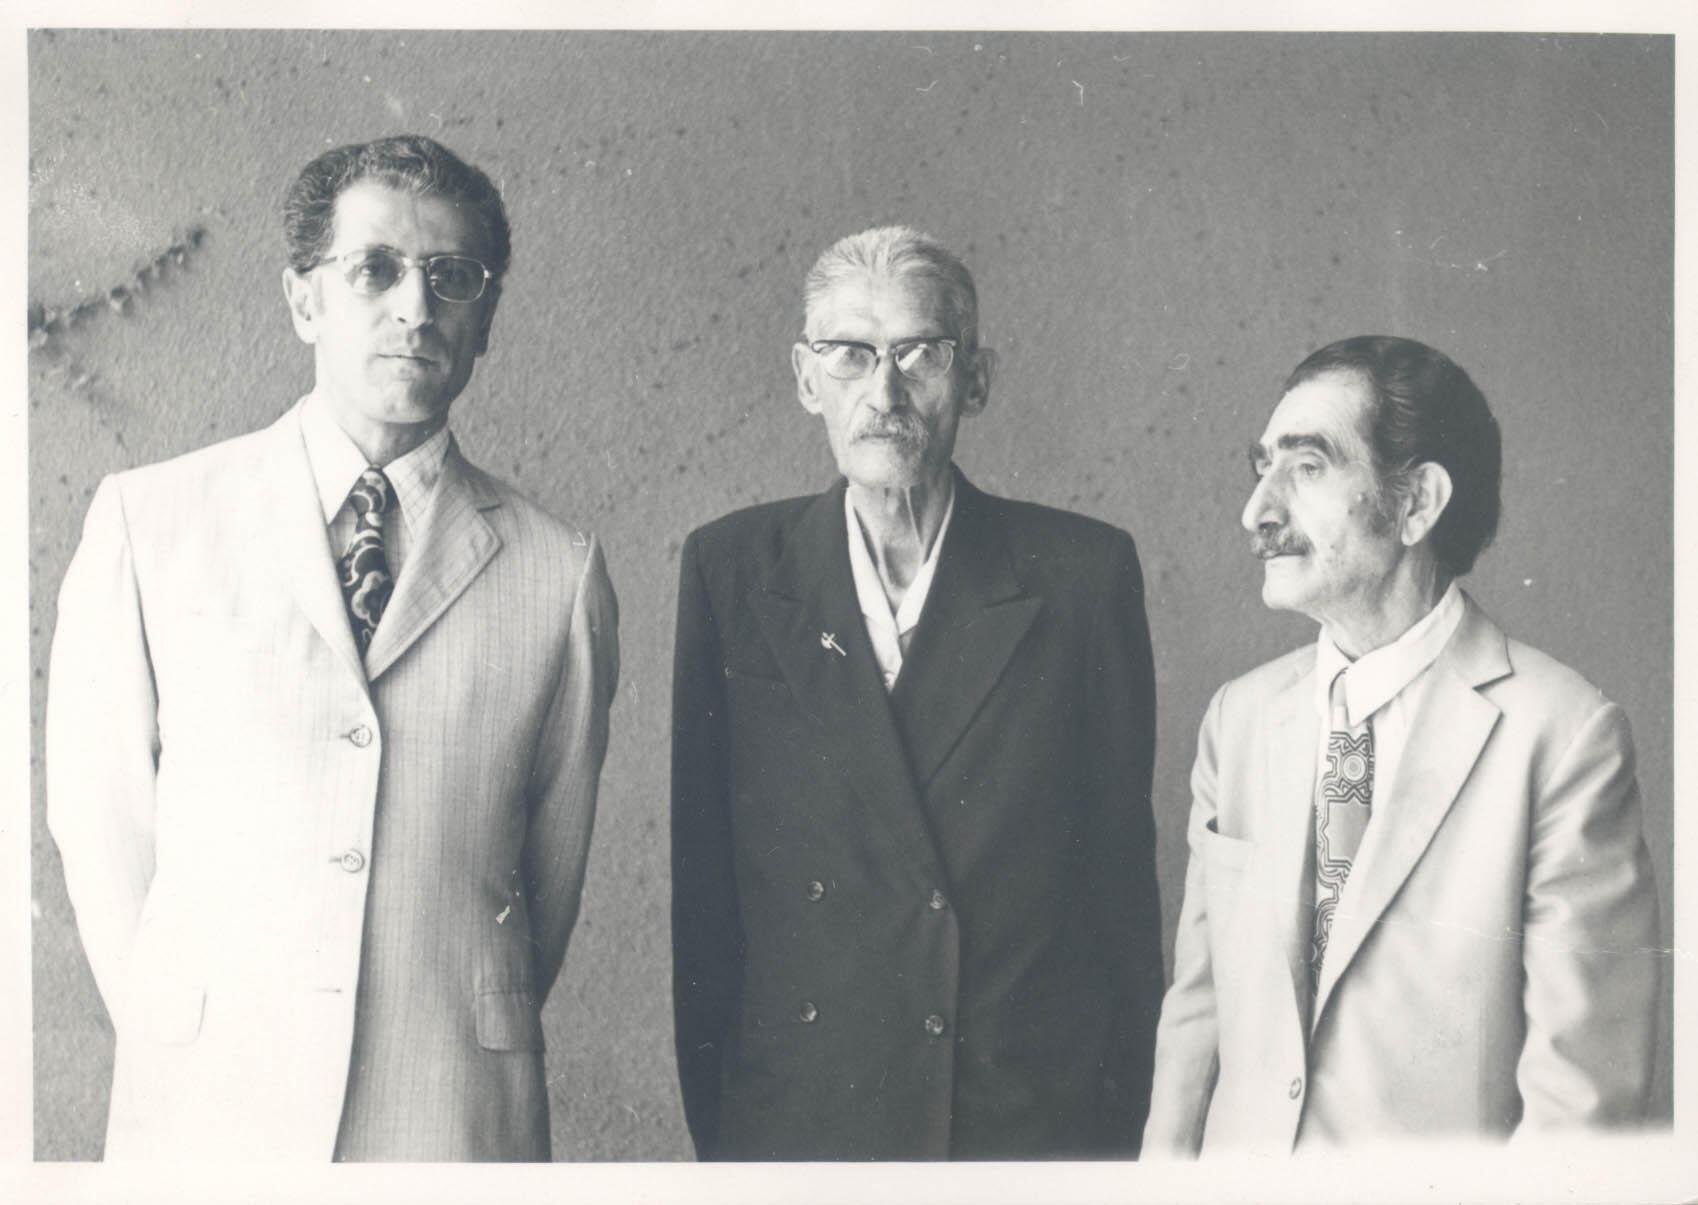 علی اصغر بهاری، سعید هرمزی، داریوش صفوت